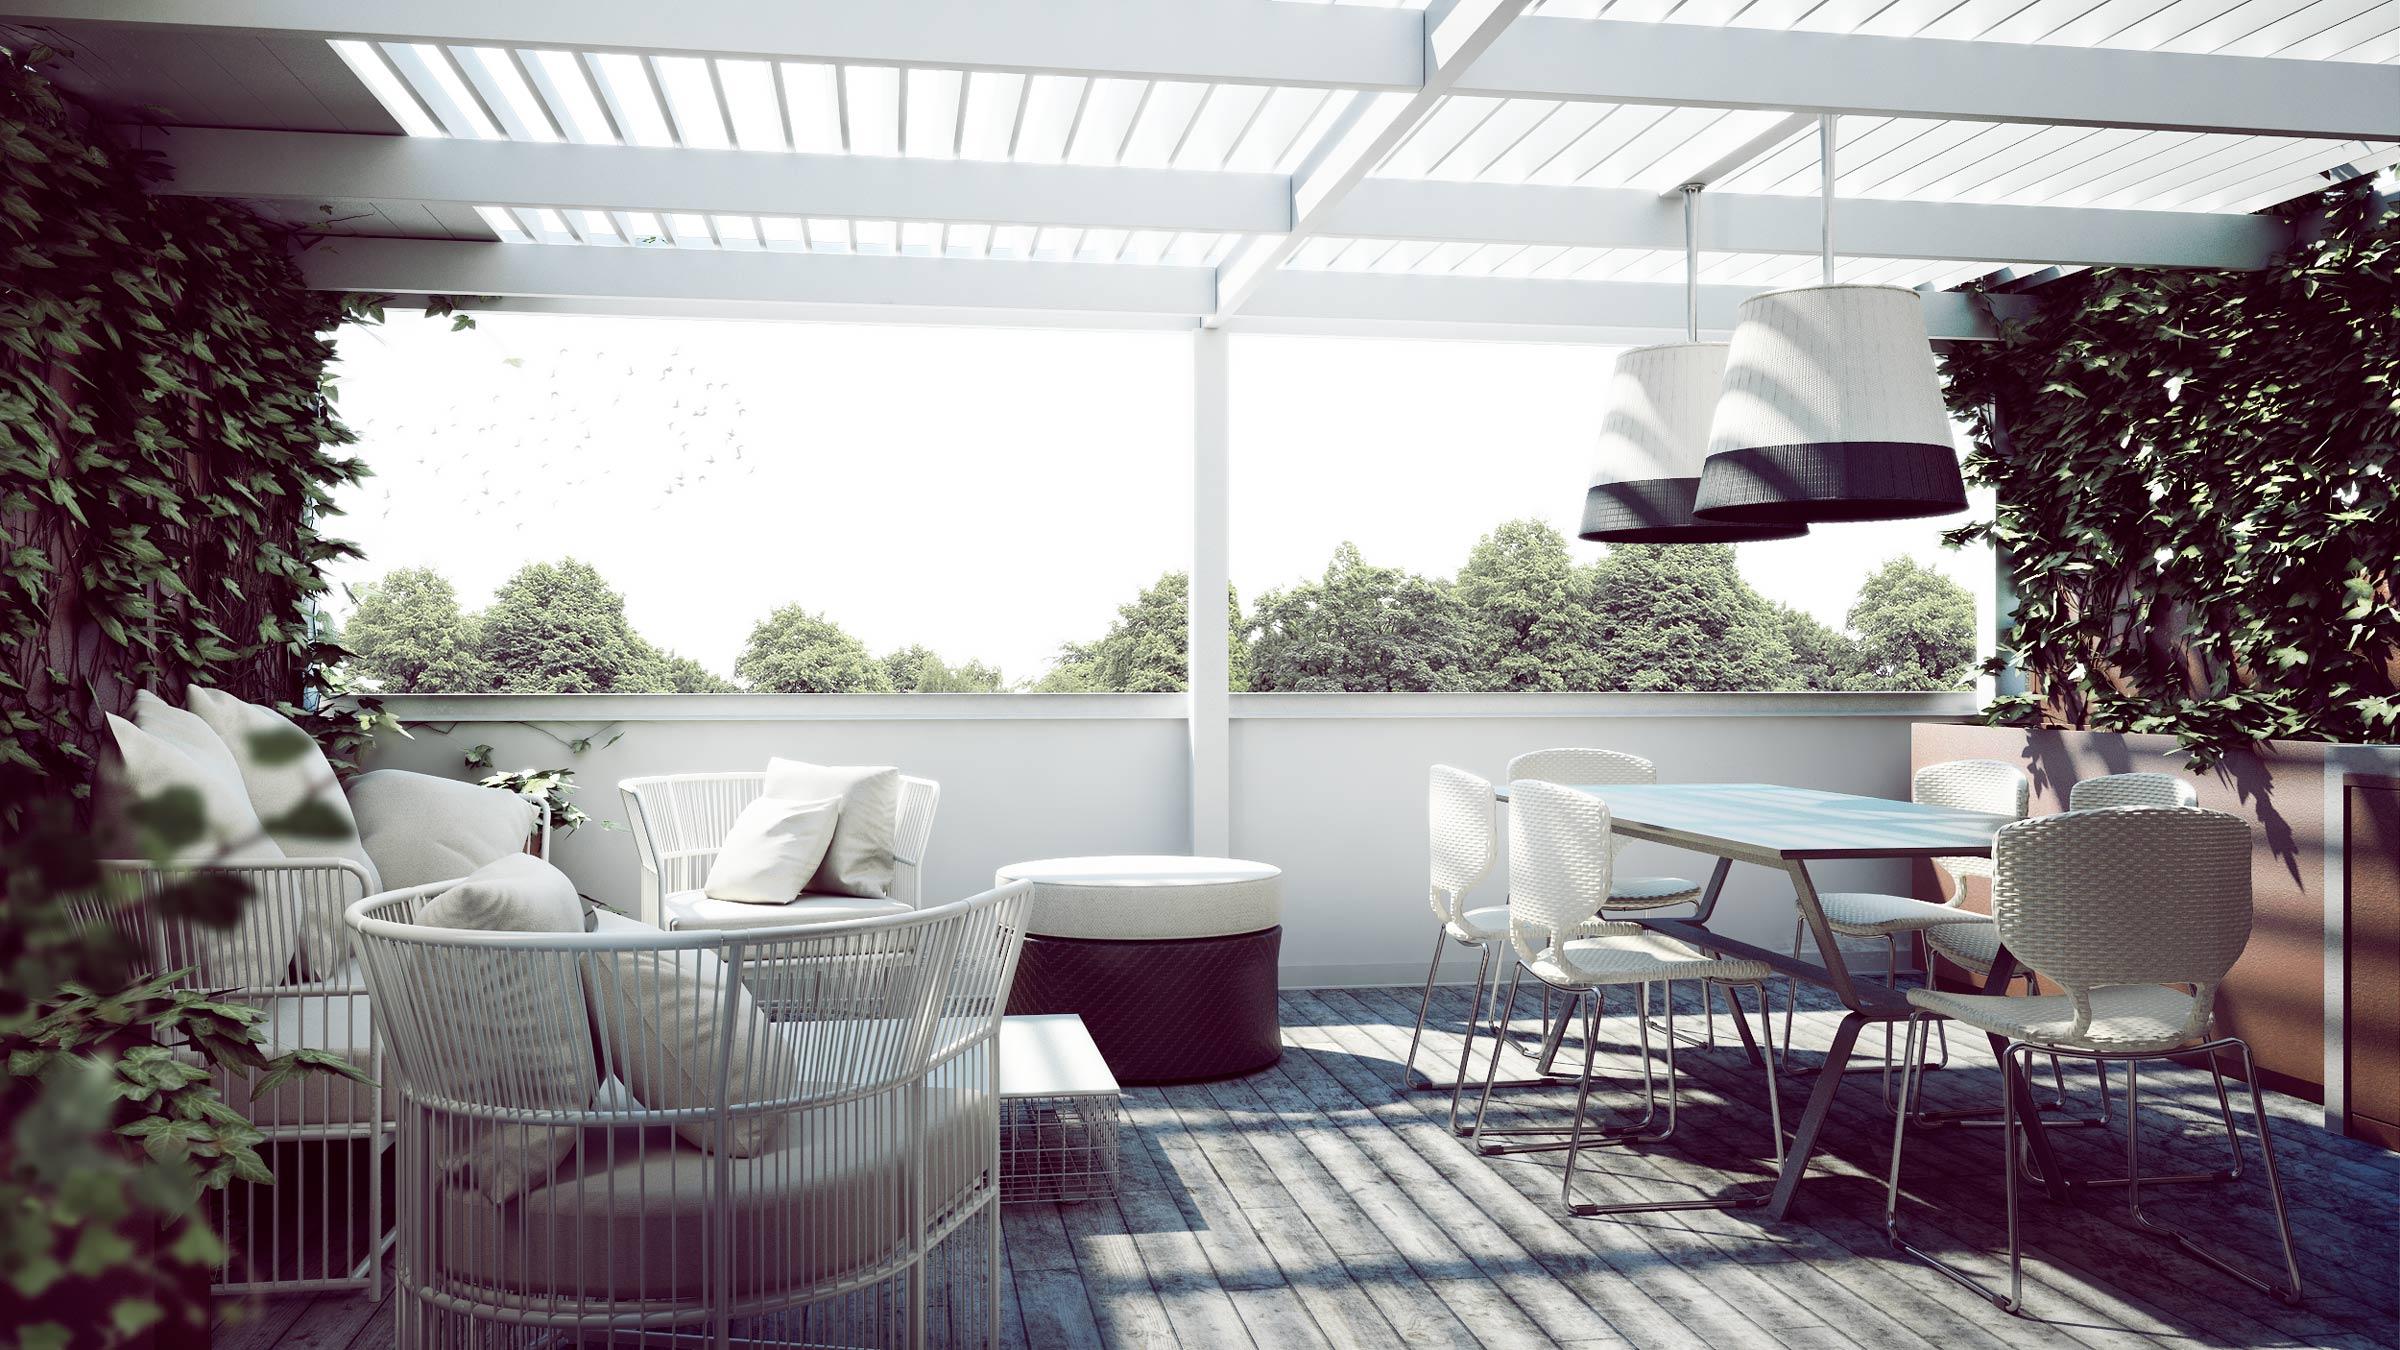 render-abitazione-terrazza-esterno-corten-edera